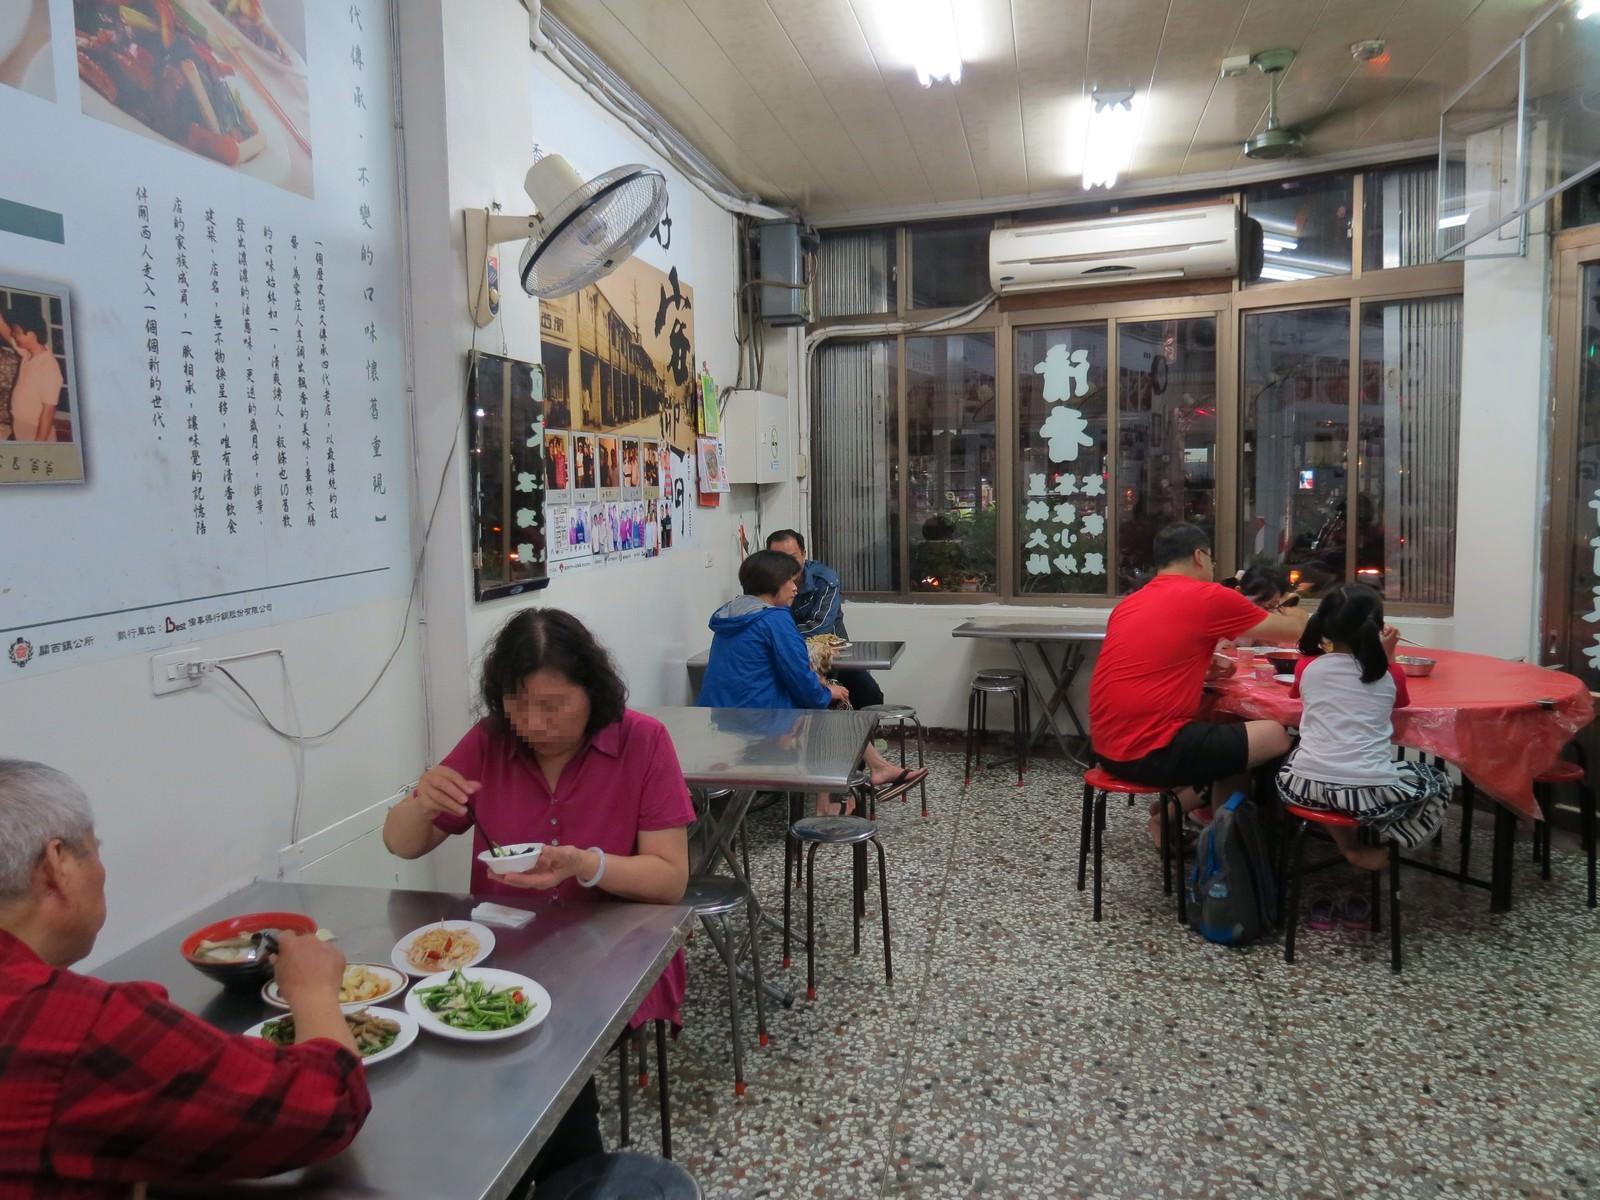 清香飲食店, 用餐環境